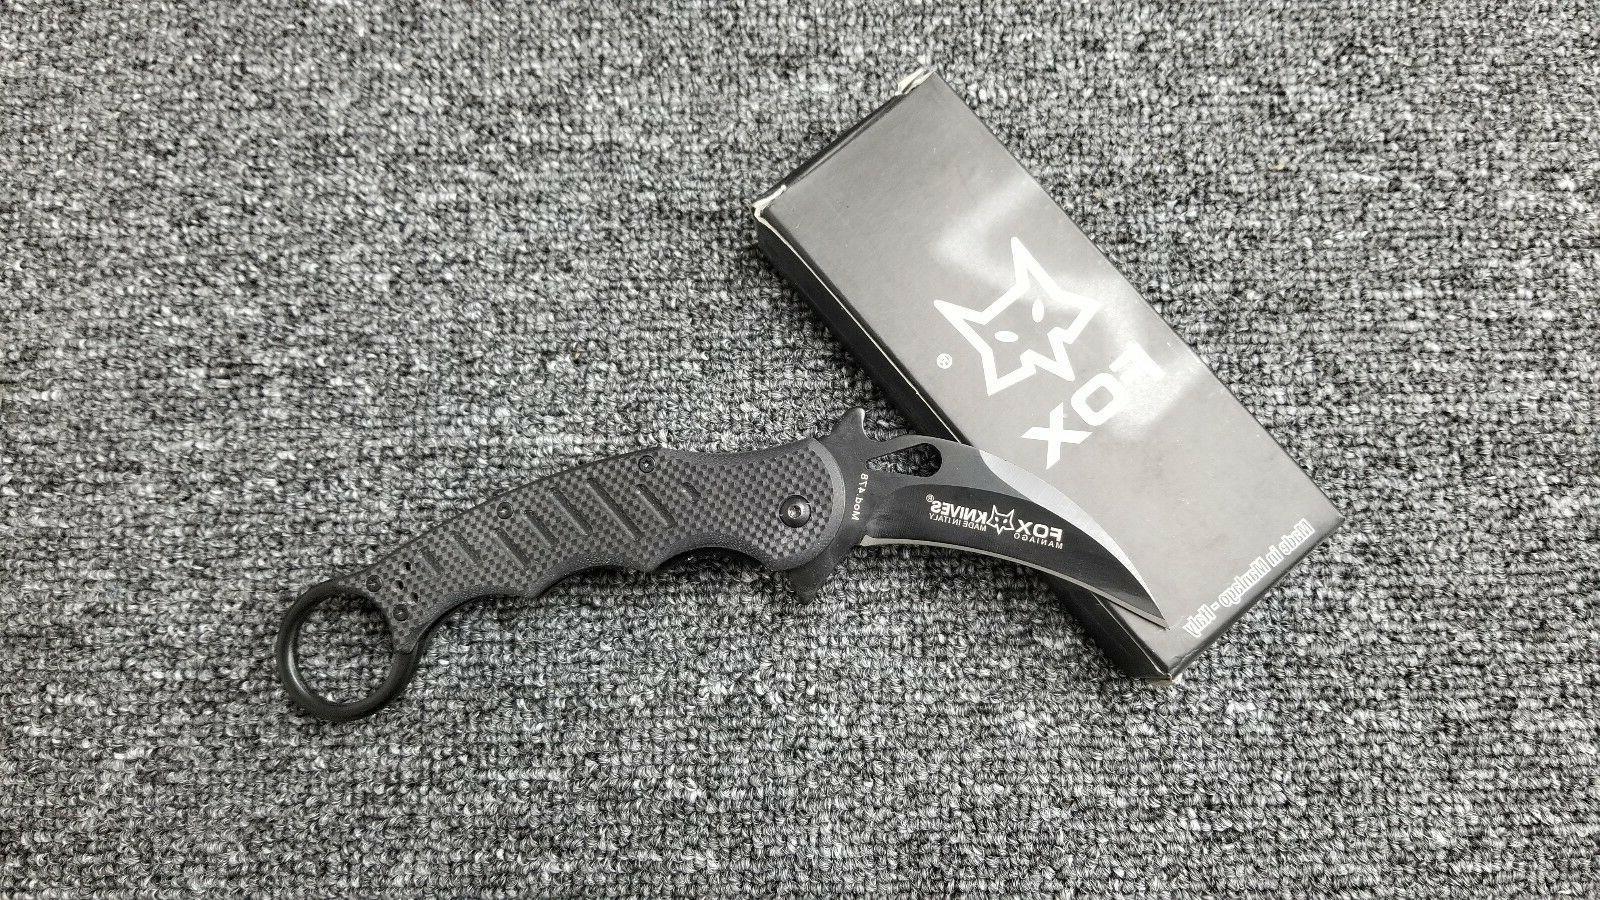 FOX Pocket Claw EDC